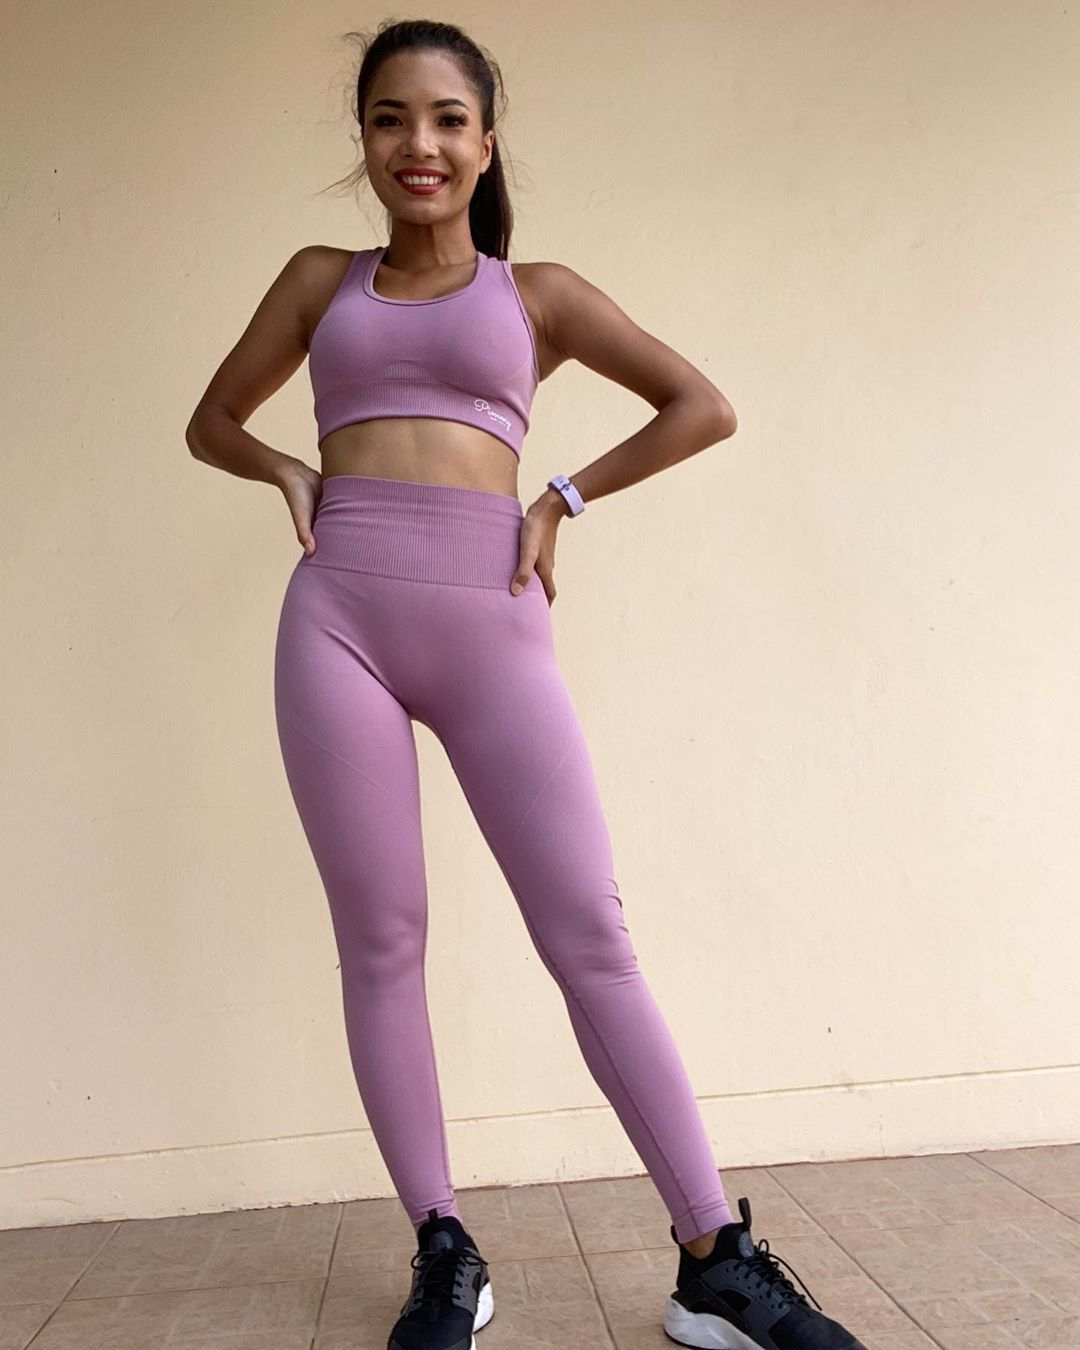 #ชุดออกกำลังกายผู้หญิง #ชุดออกกำลังกาย #ชุดออกกำลังกายราคาถูก #ชุดออกกำลังกายคนอ้วน #ชุดเซ็ต #ชุดออก...